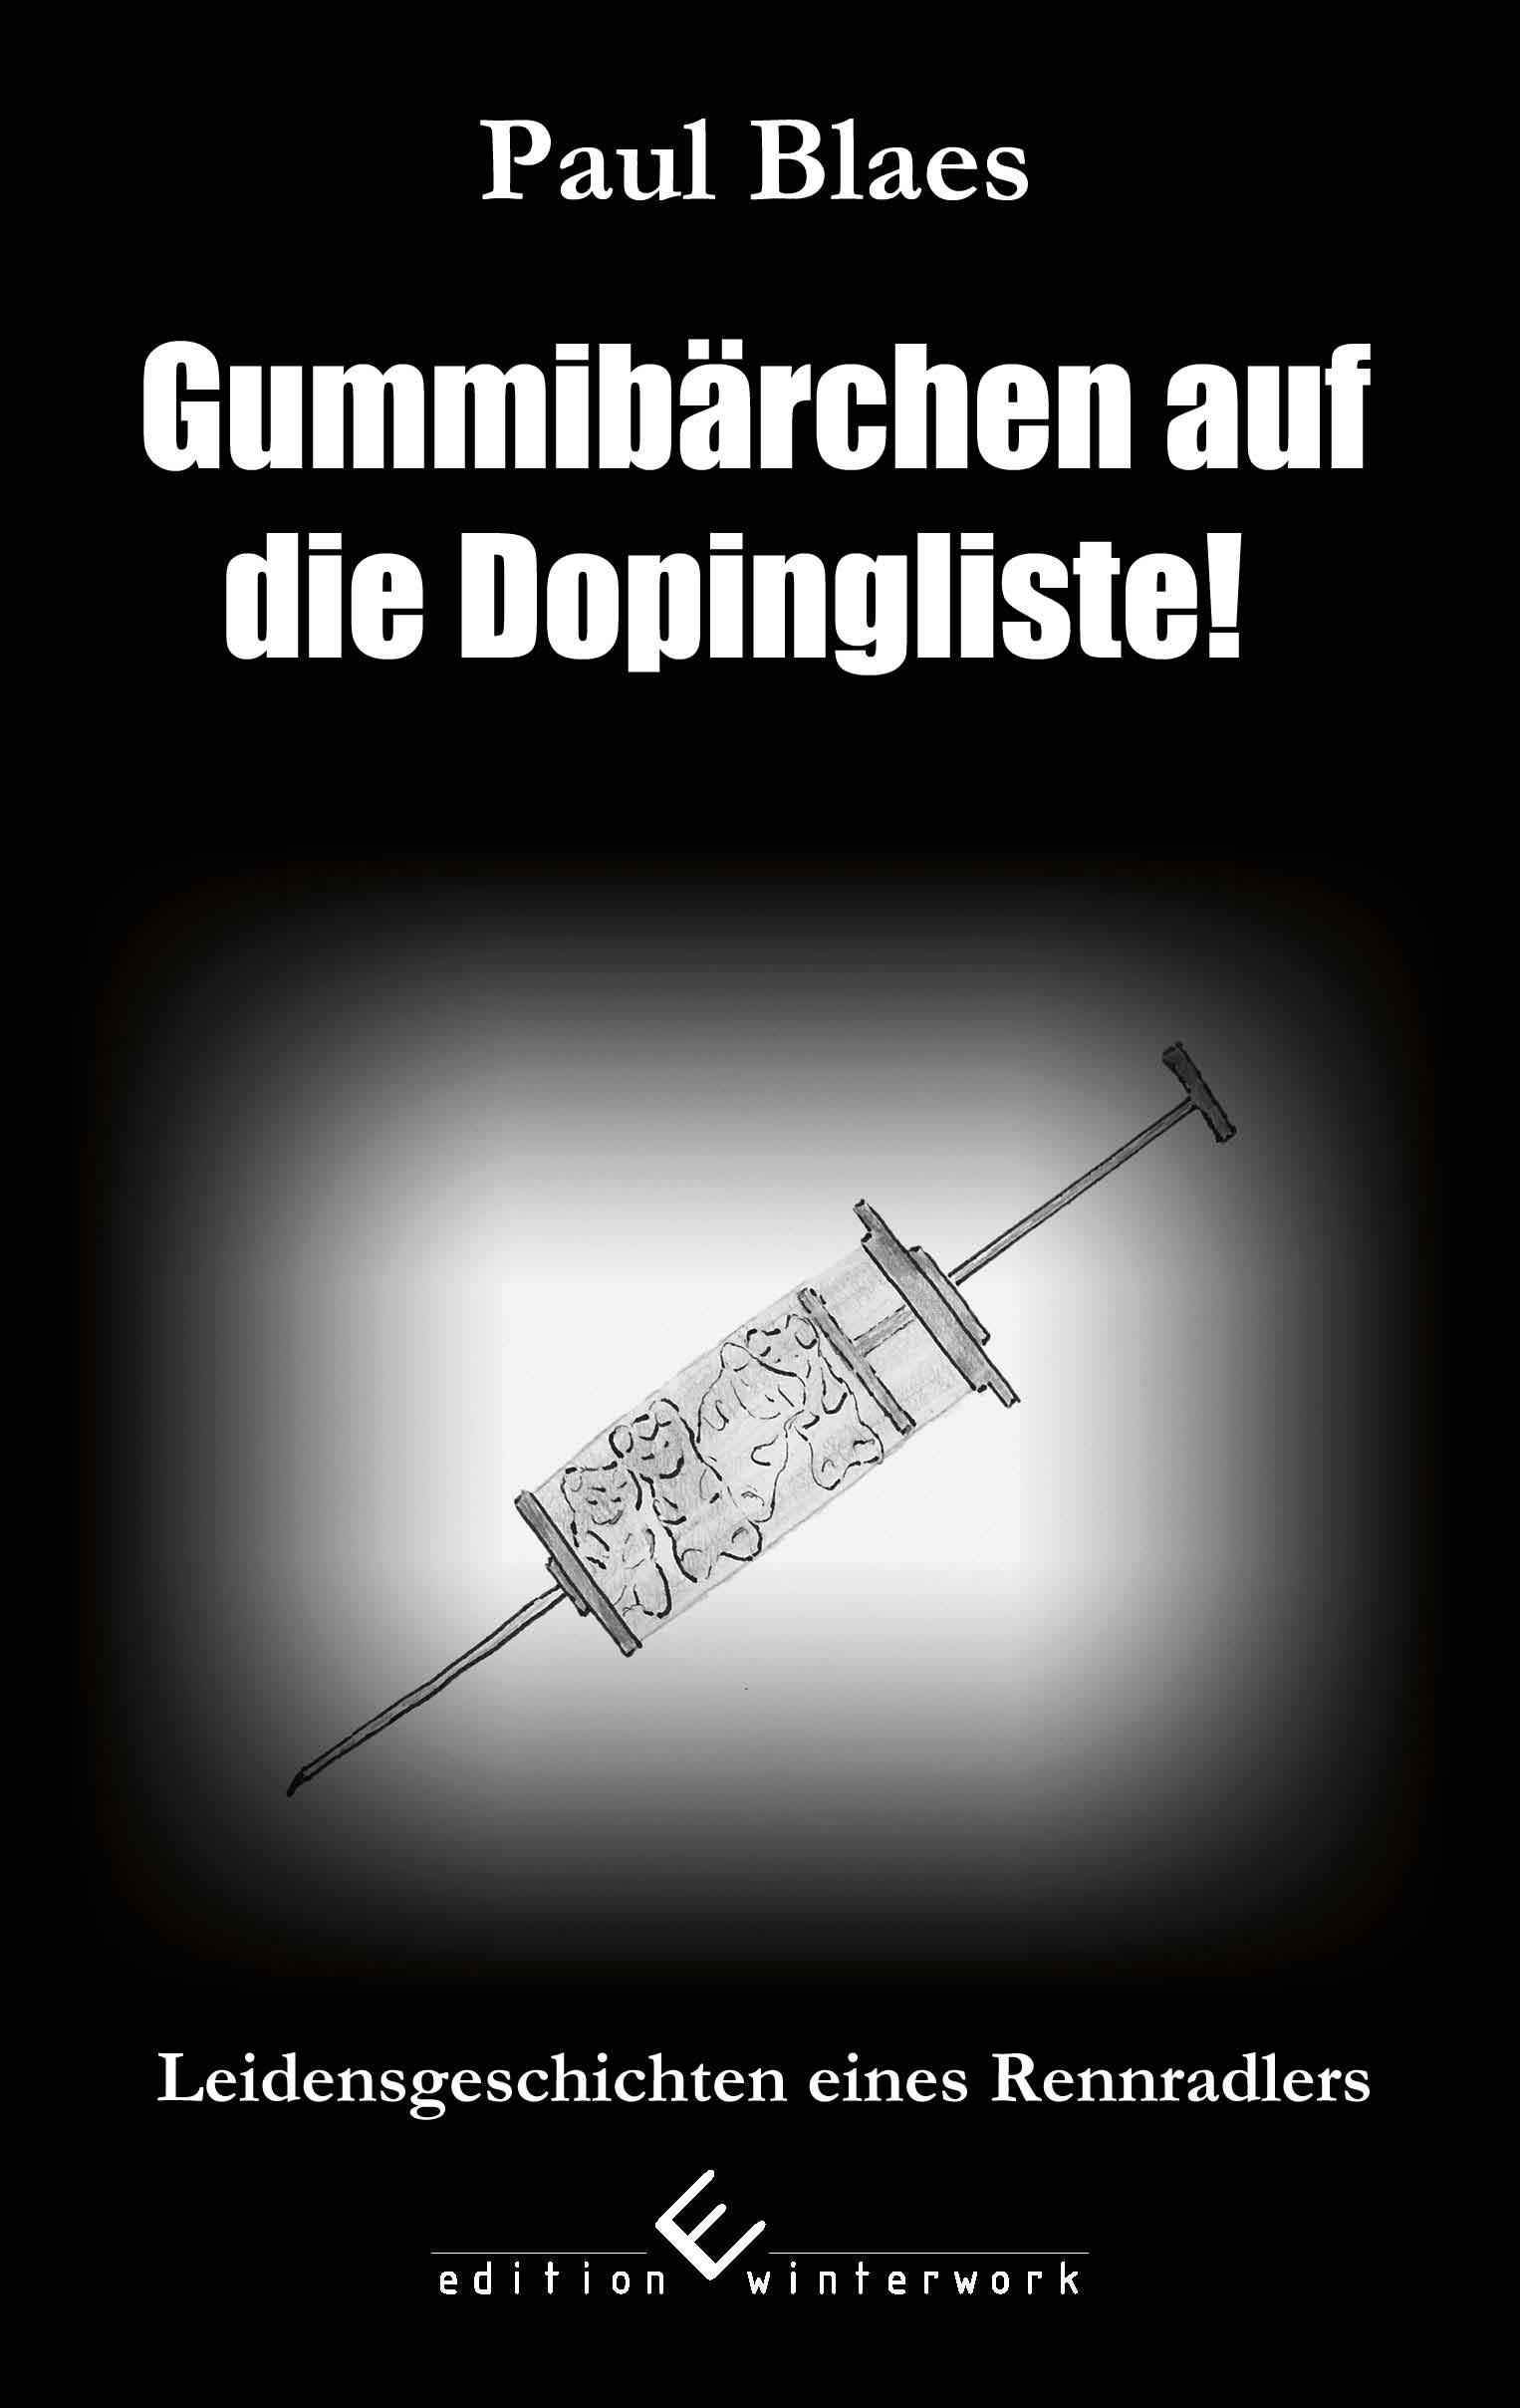 """Cover der Rennrad-Satire """"Gummibärchen auf die Dopingliste"""